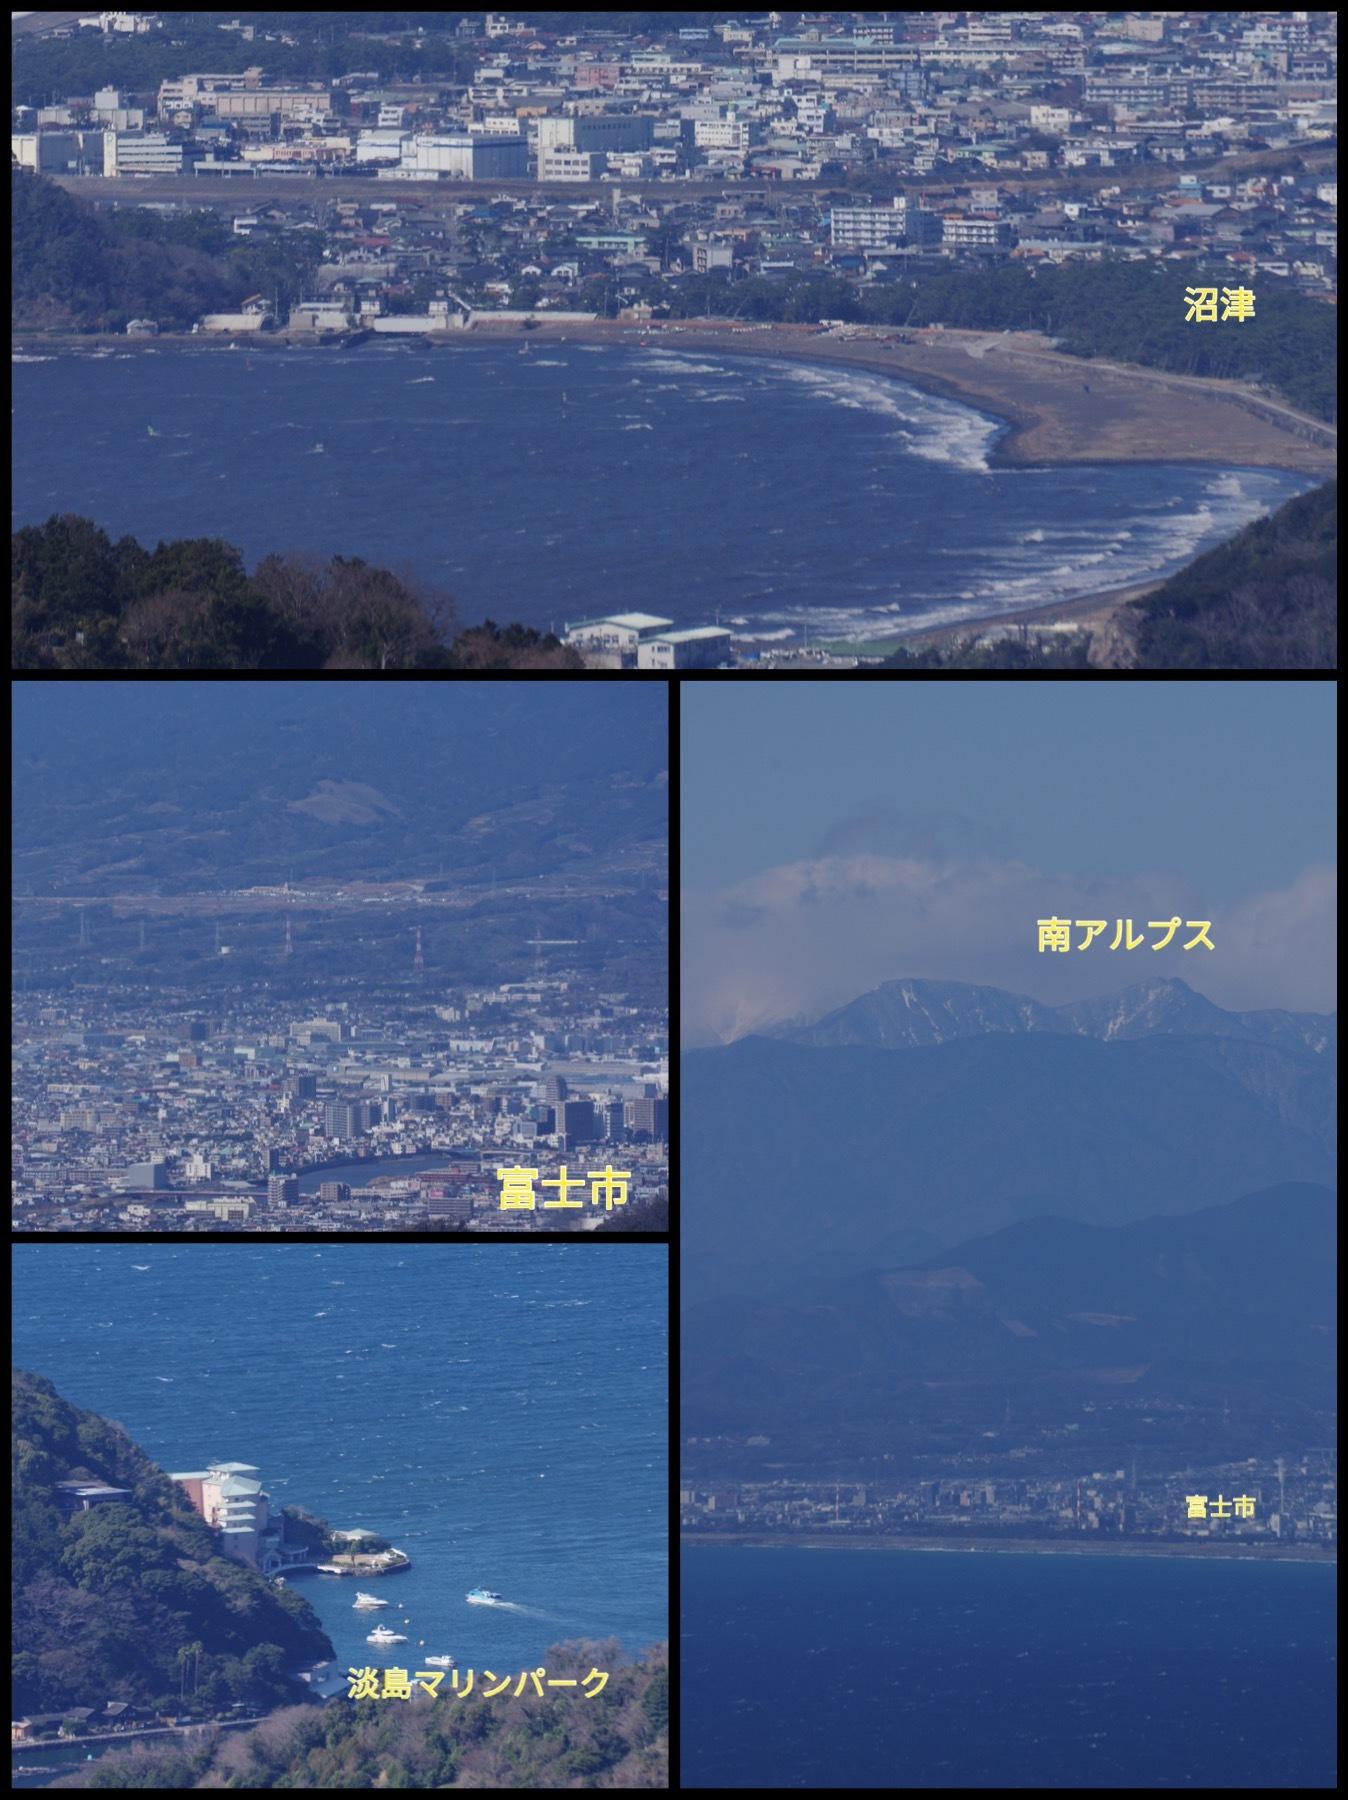 伊豆の国 パノラマパーク 富士山